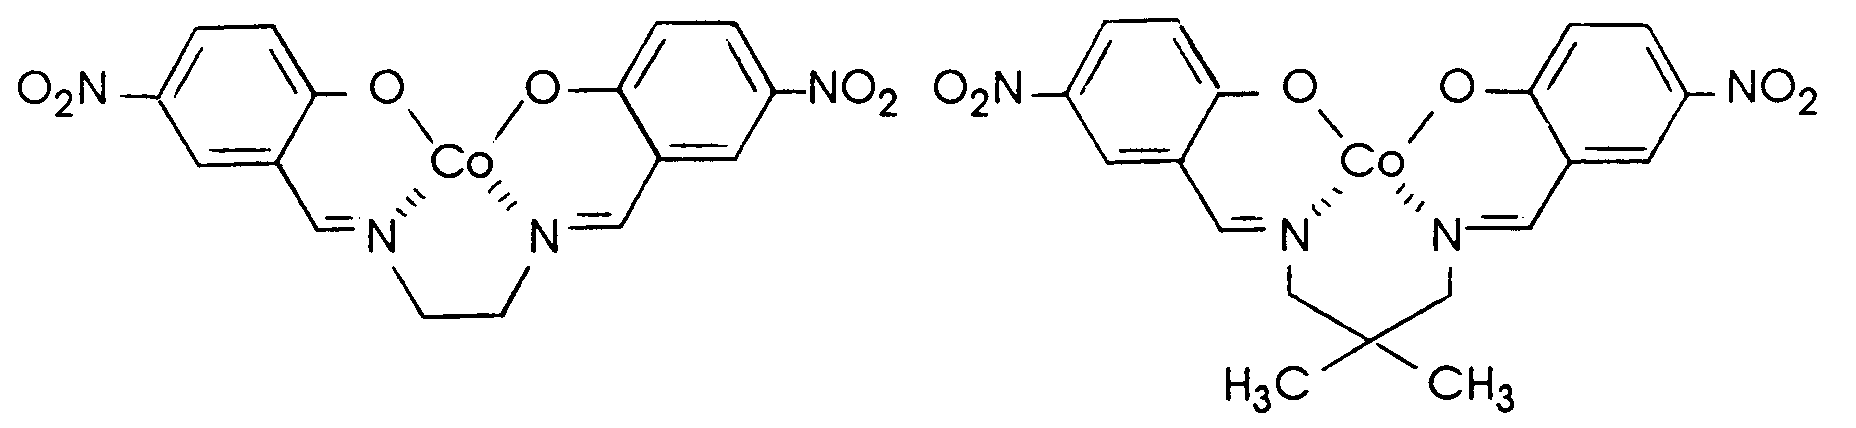 Stoffspezifische Trägersubstanzen Enthaltende Polymermembran